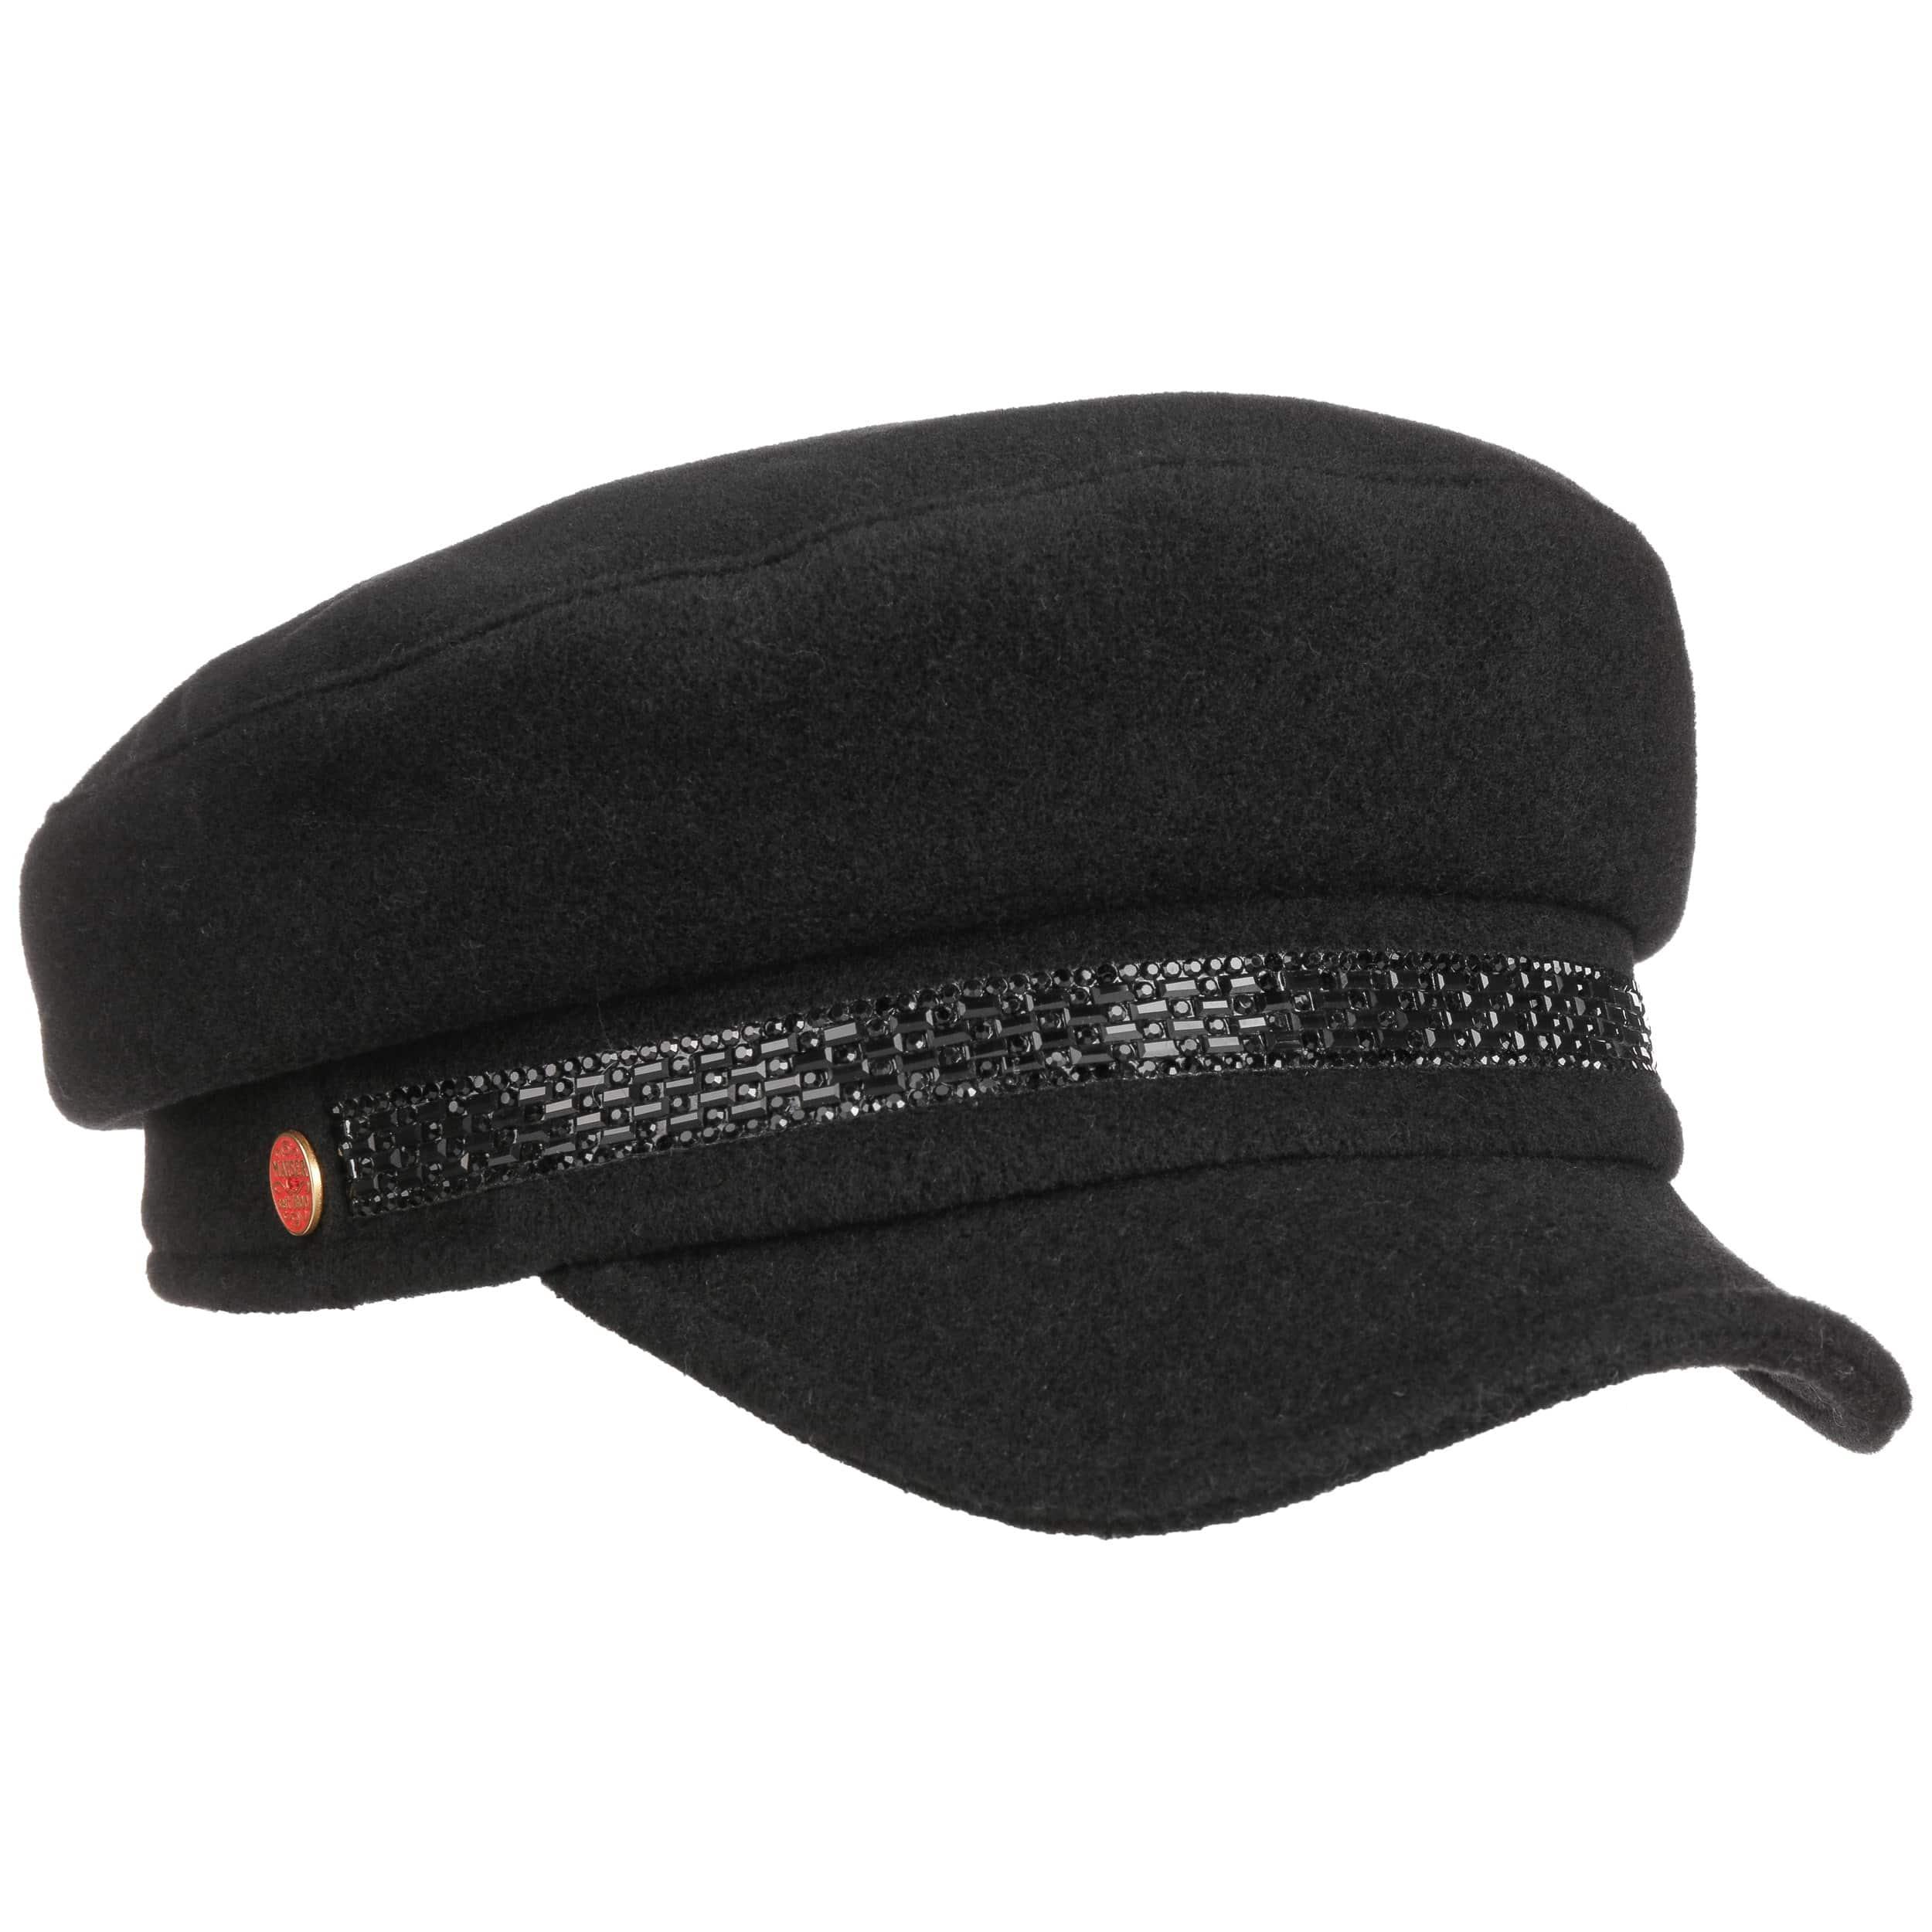 casquette gavroche femme kendy by mayser eur 69 95 chapeaux casquettes et bonnets en ligne. Black Bedroom Furniture Sets. Home Design Ideas